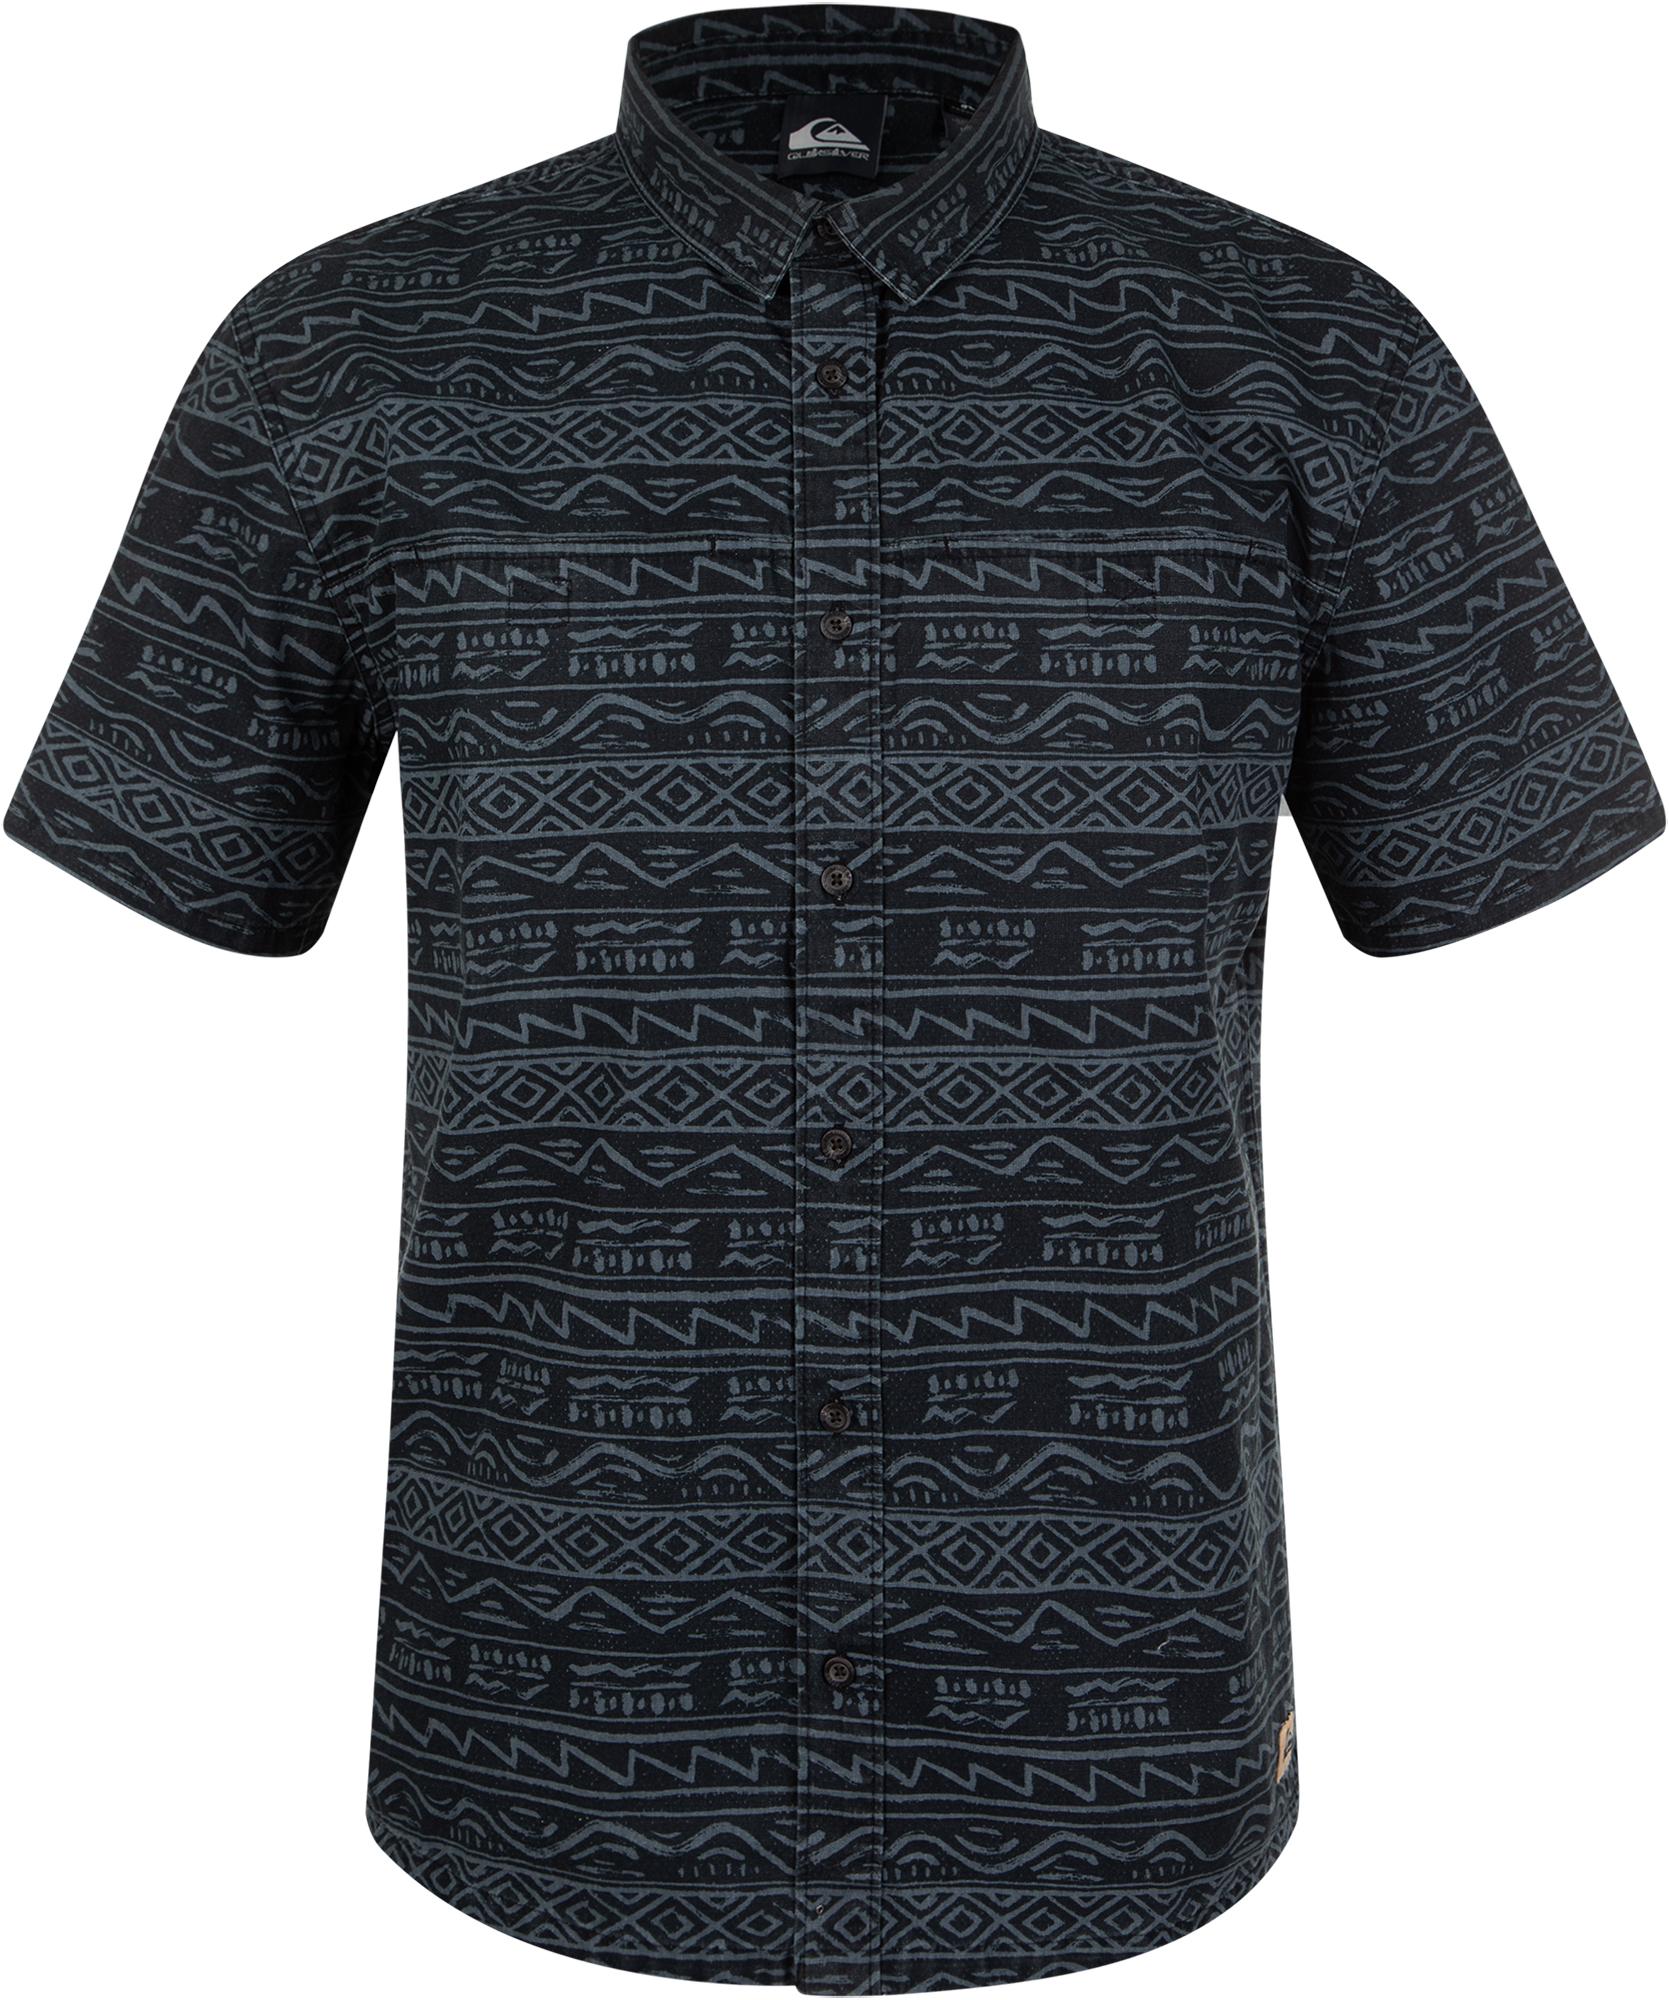 цена на Quiksilver Рубашка с коротким руковом мужская Quiksilver Heritage, размер 52-54